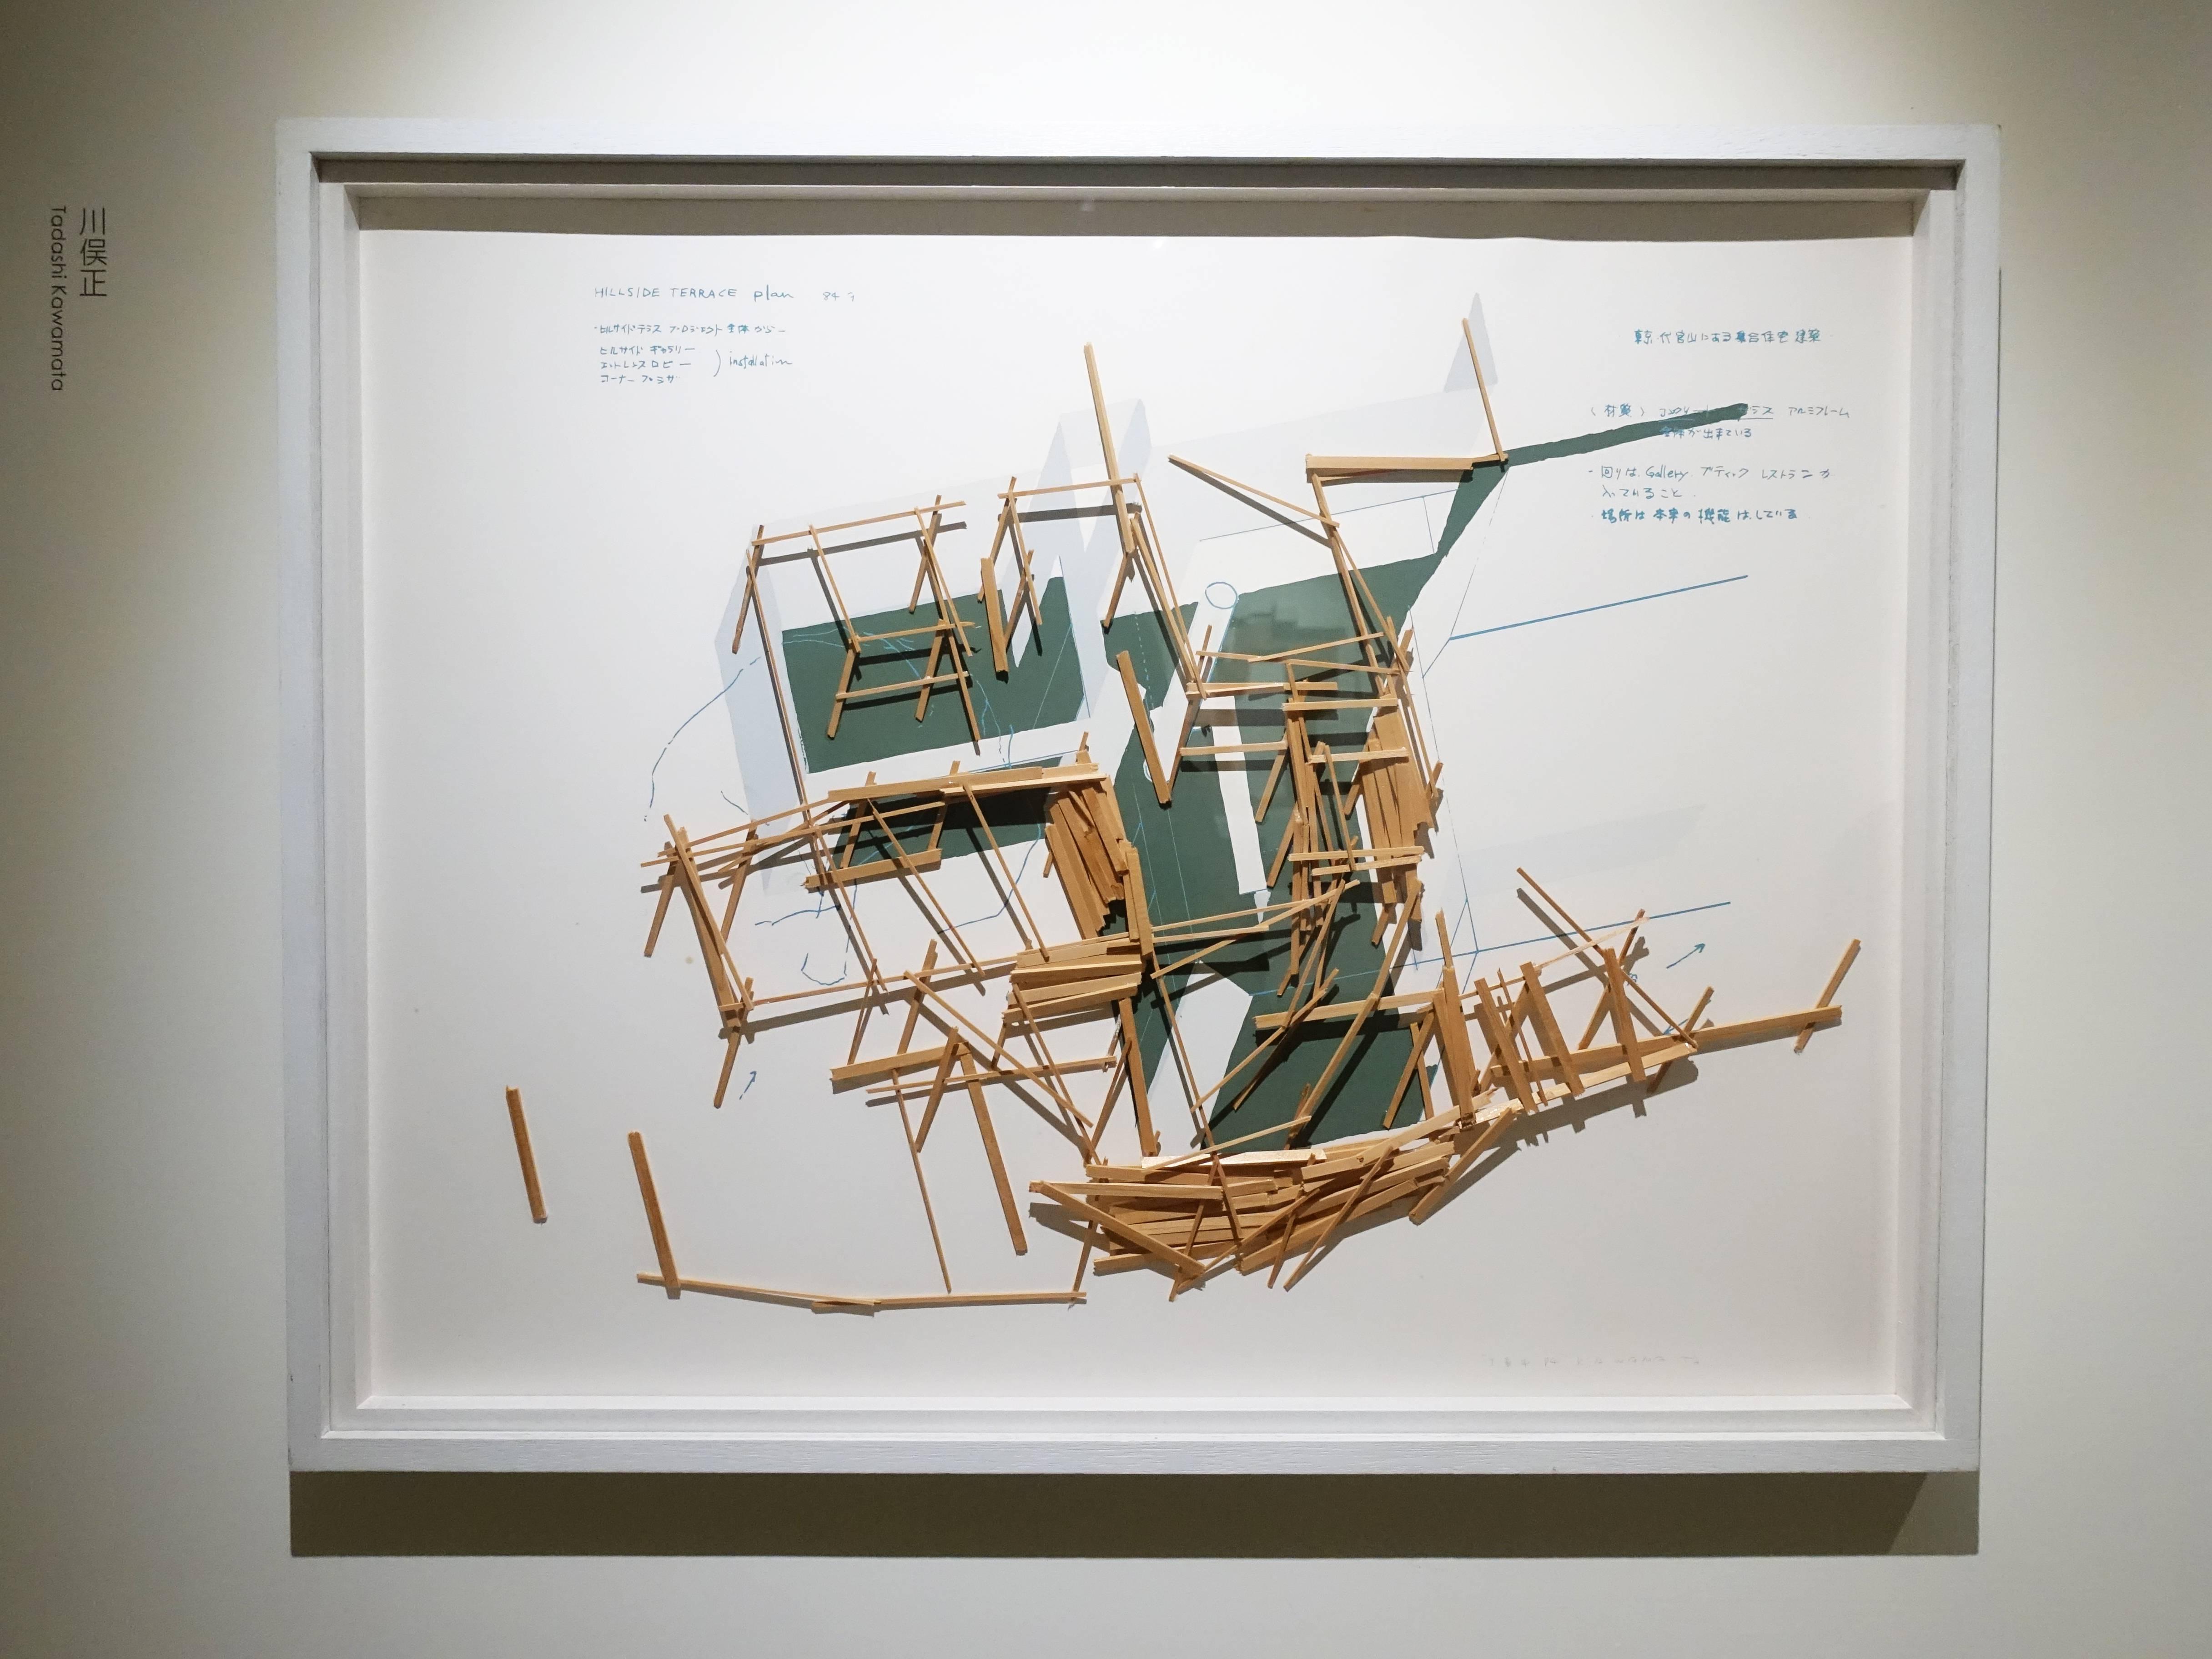 川俣正,《HILLSIDE TERRACE PLAN》,51.5 x 60.5 cm,紙に木彩色,19845。